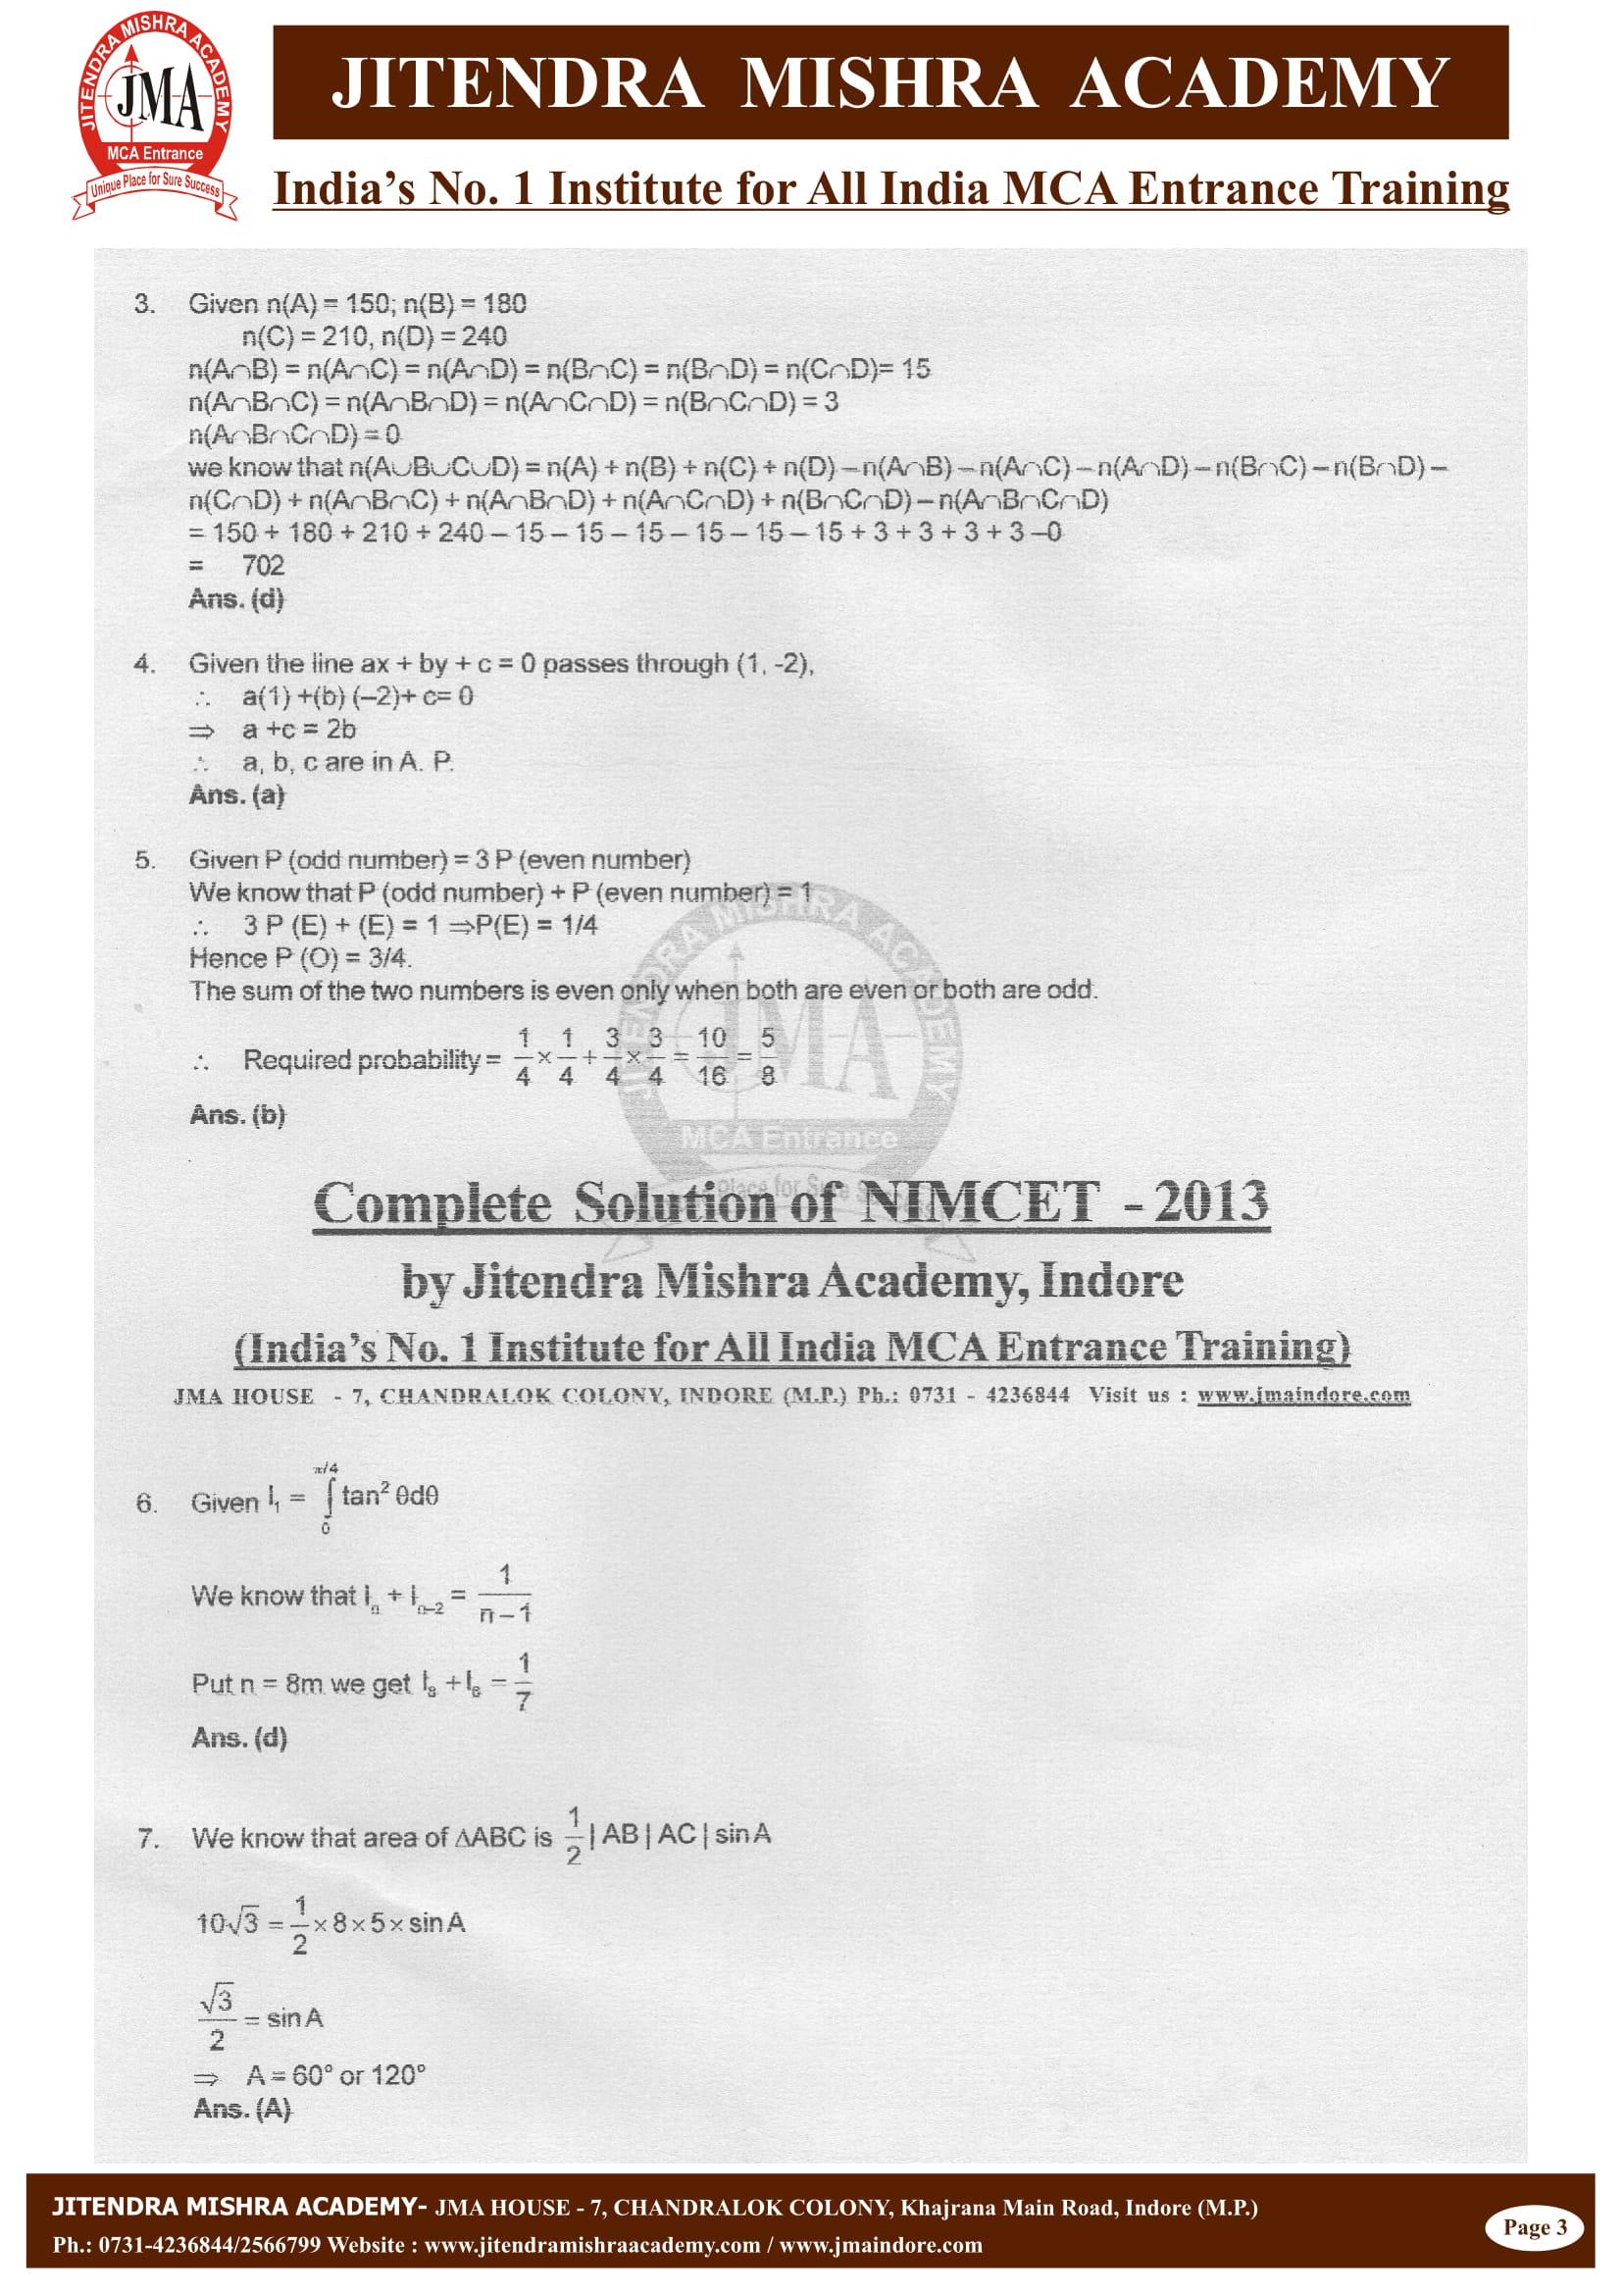 NIMCET - 2013 (SOLUTION)-03